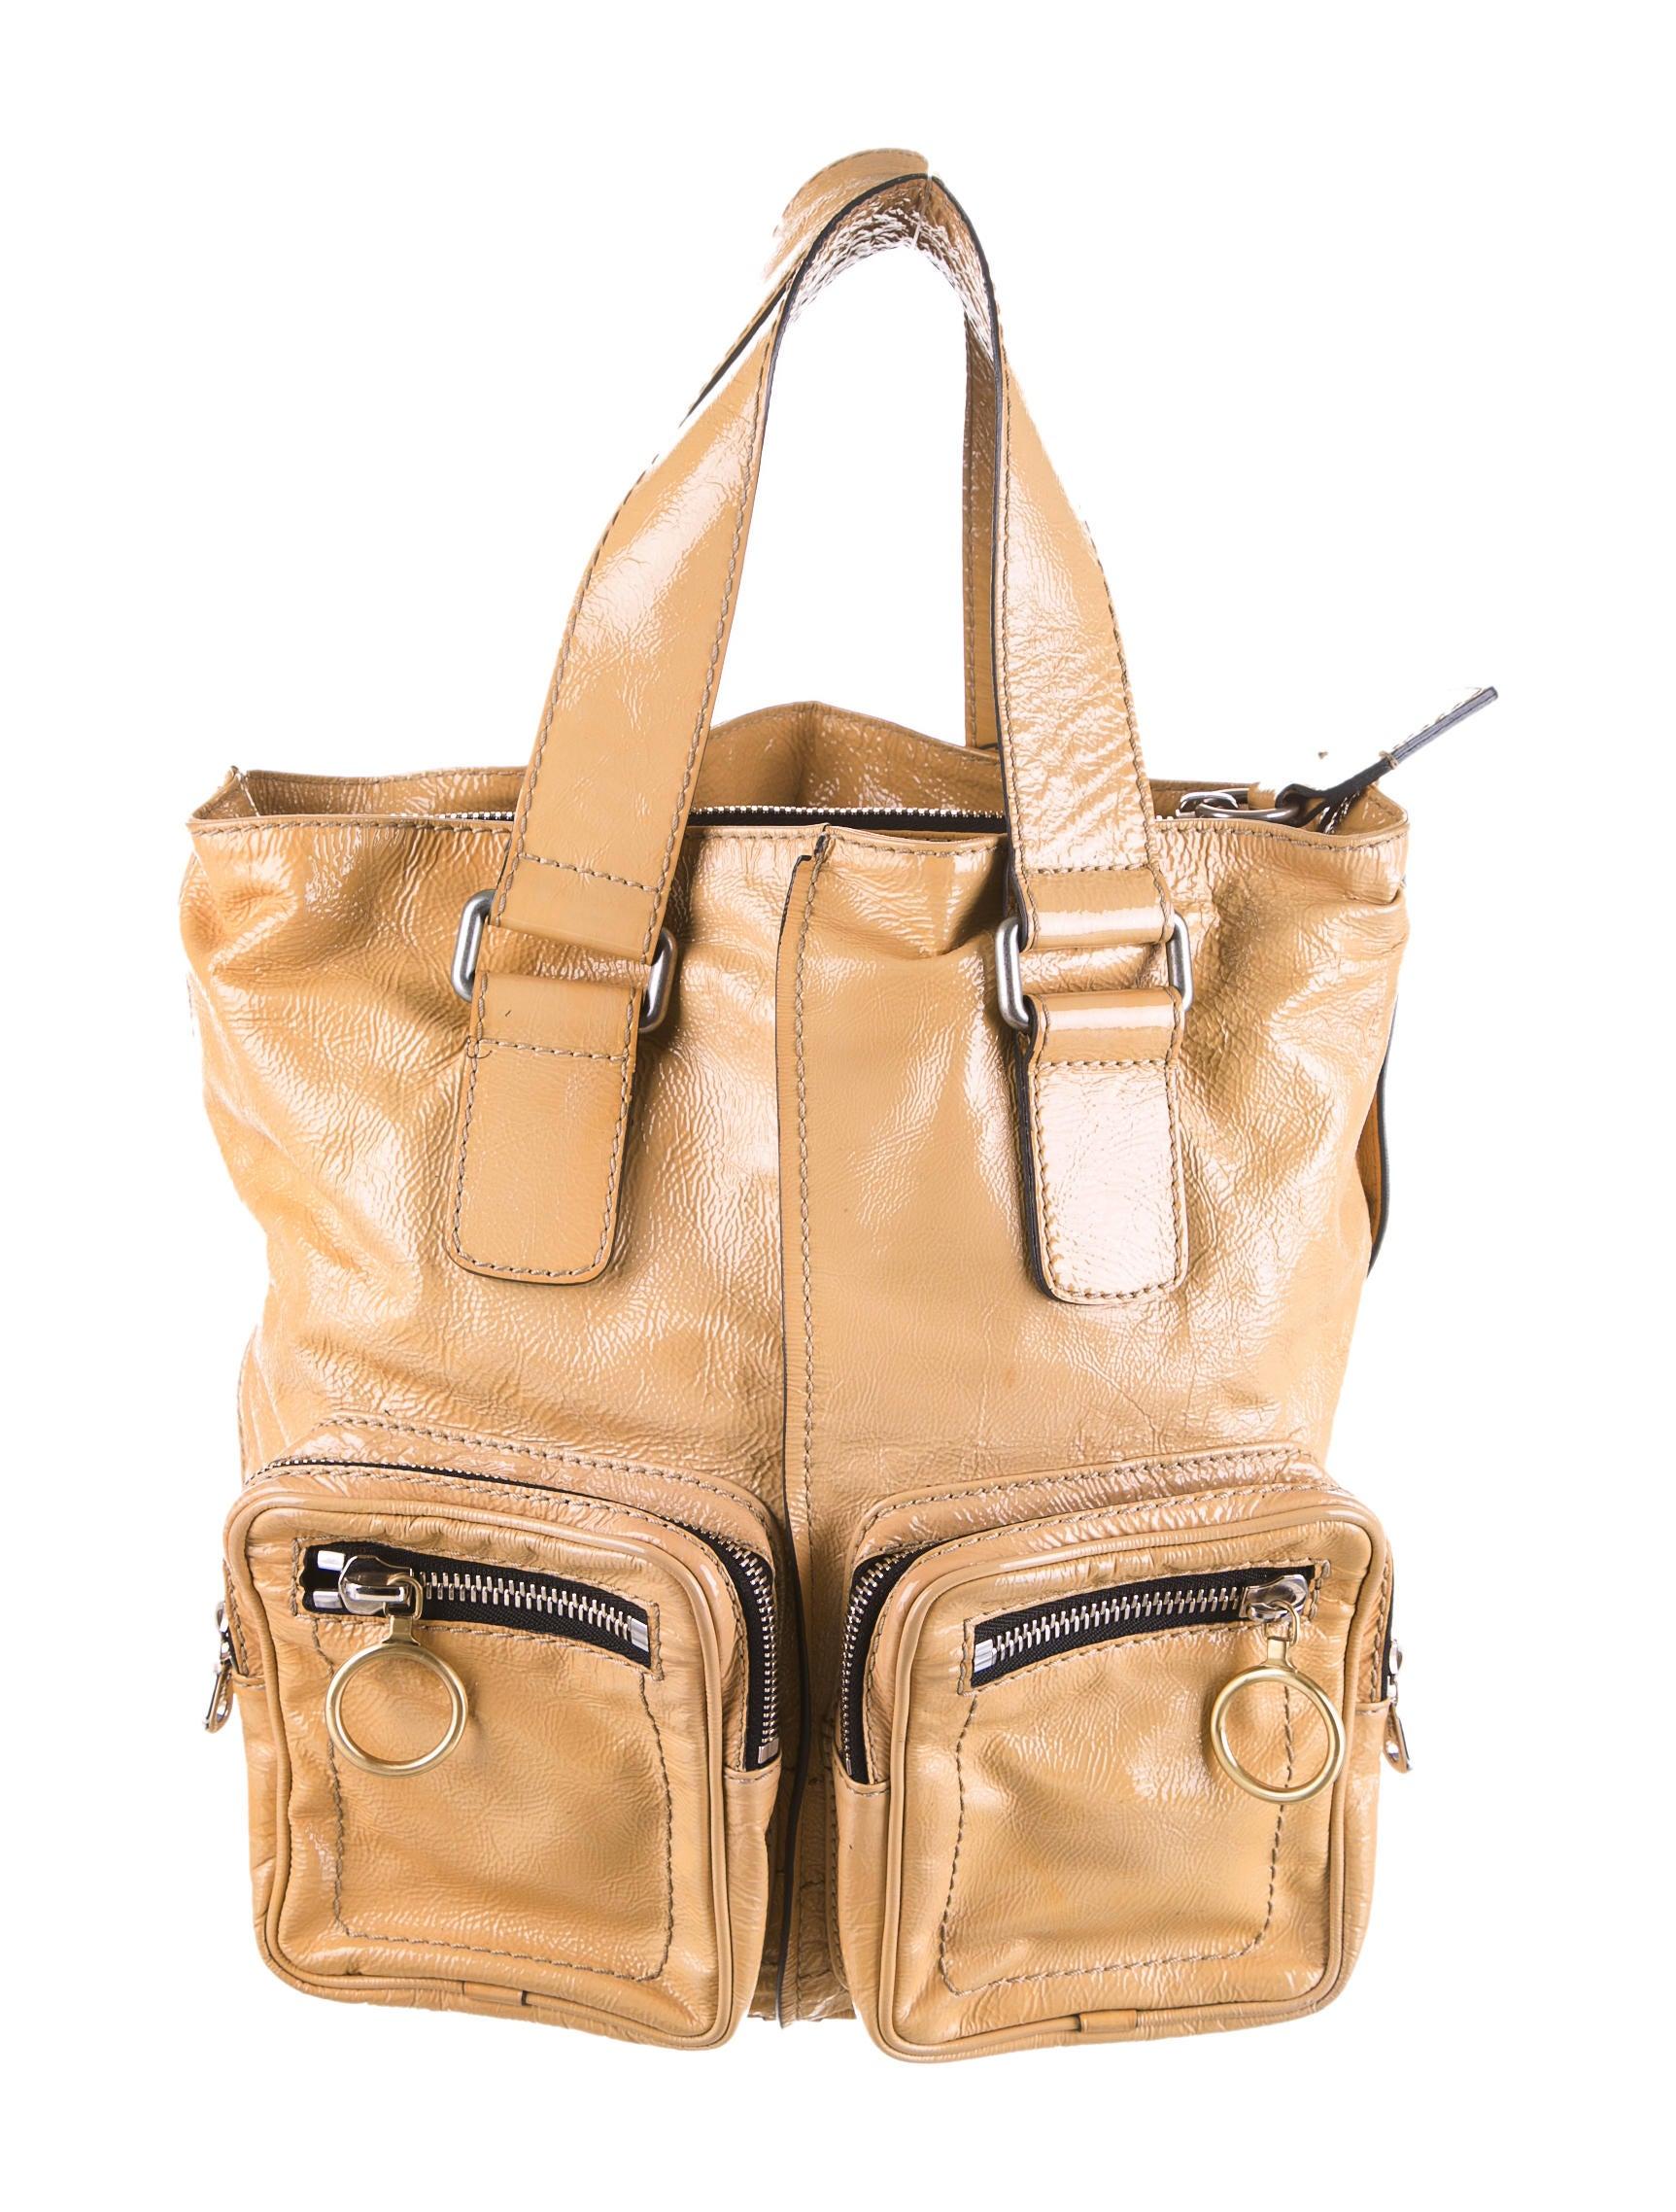 chloe replica bag - Chlo�� Handle Bag - Handbags - CHL25684 | The RealReal